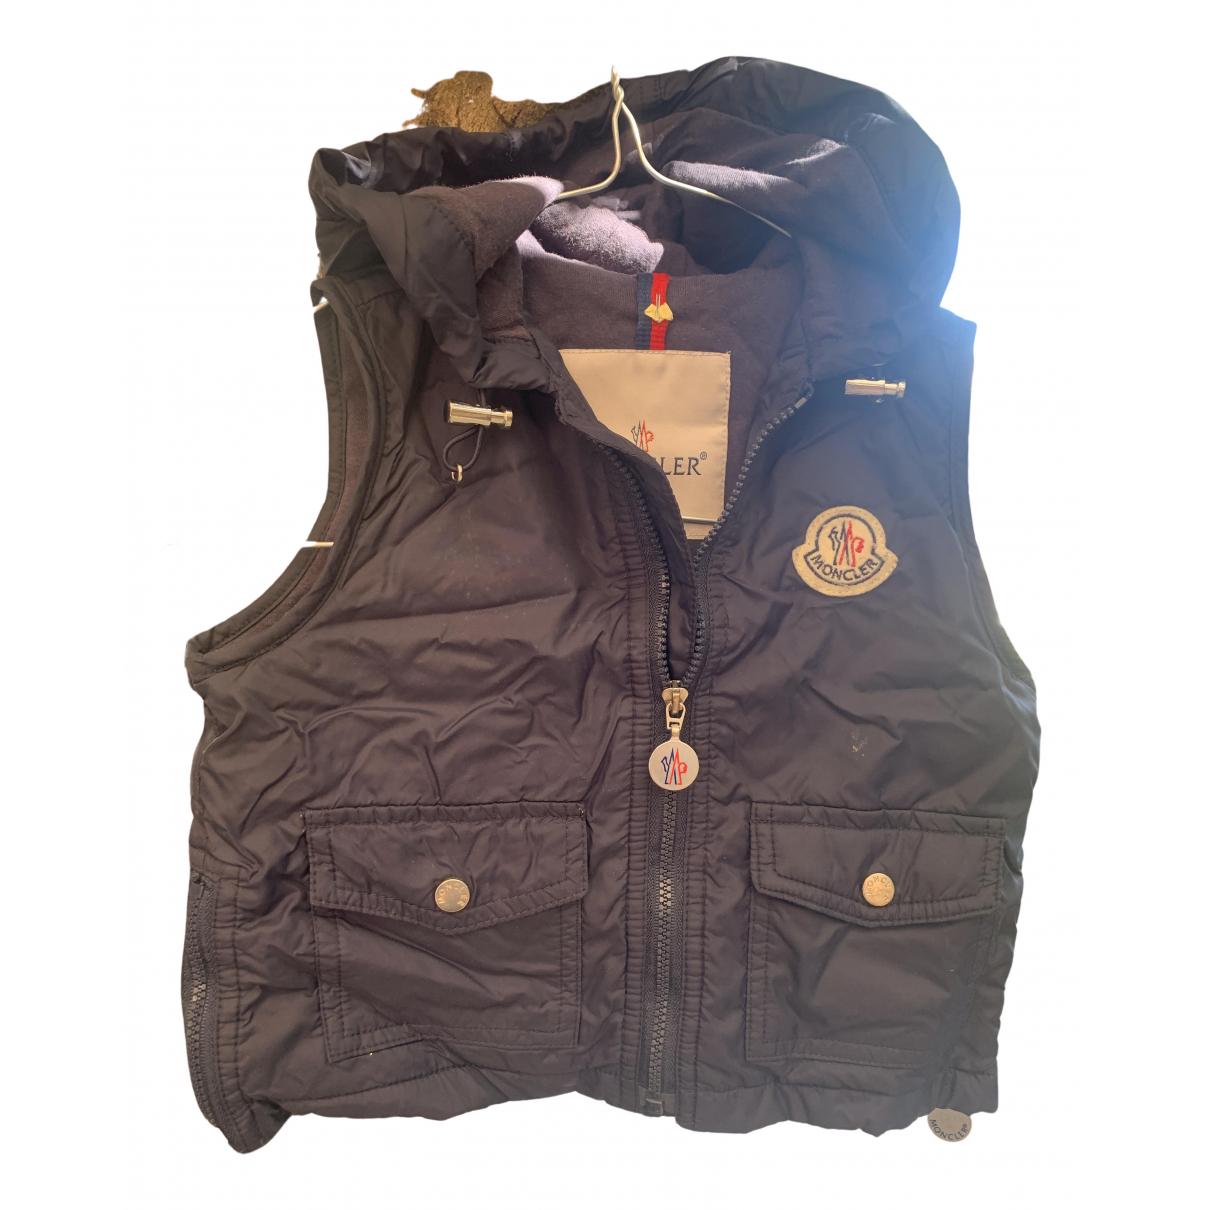 Moncler - Blousons.Manteaux Sleeveless pour enfant en coton - bleu